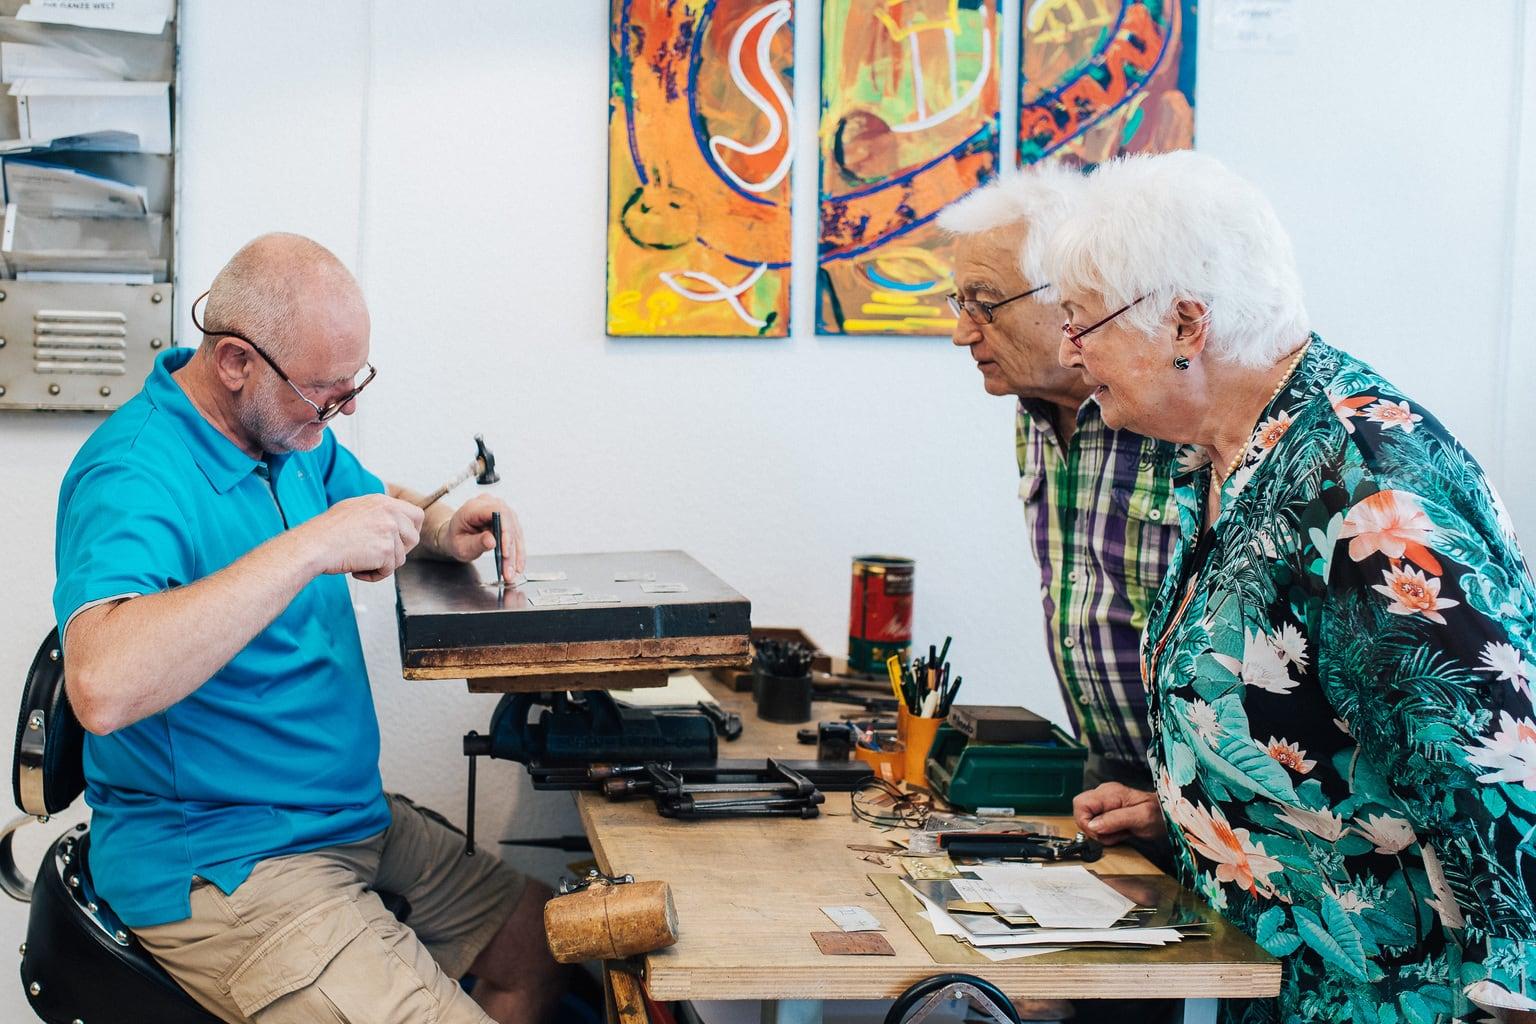 Traditioneel handwerk behoort in Linz nog steeds tot het dagelijks leven